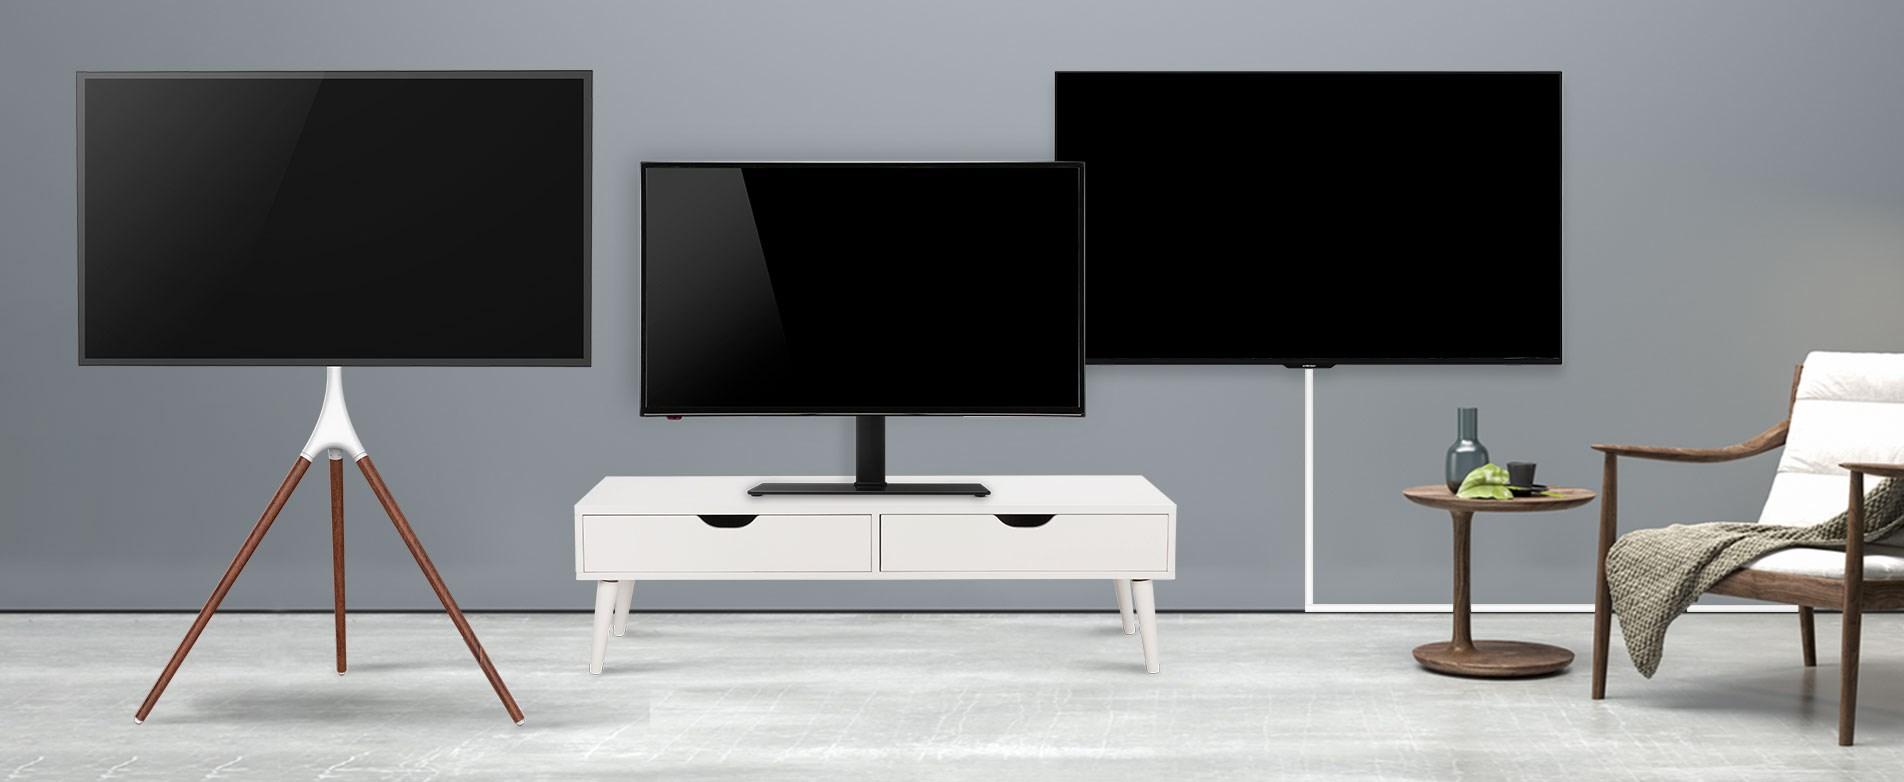 Stilig Lær deg mer: Plassering av TV - NetOnNet - NetOnNet.no XS-36